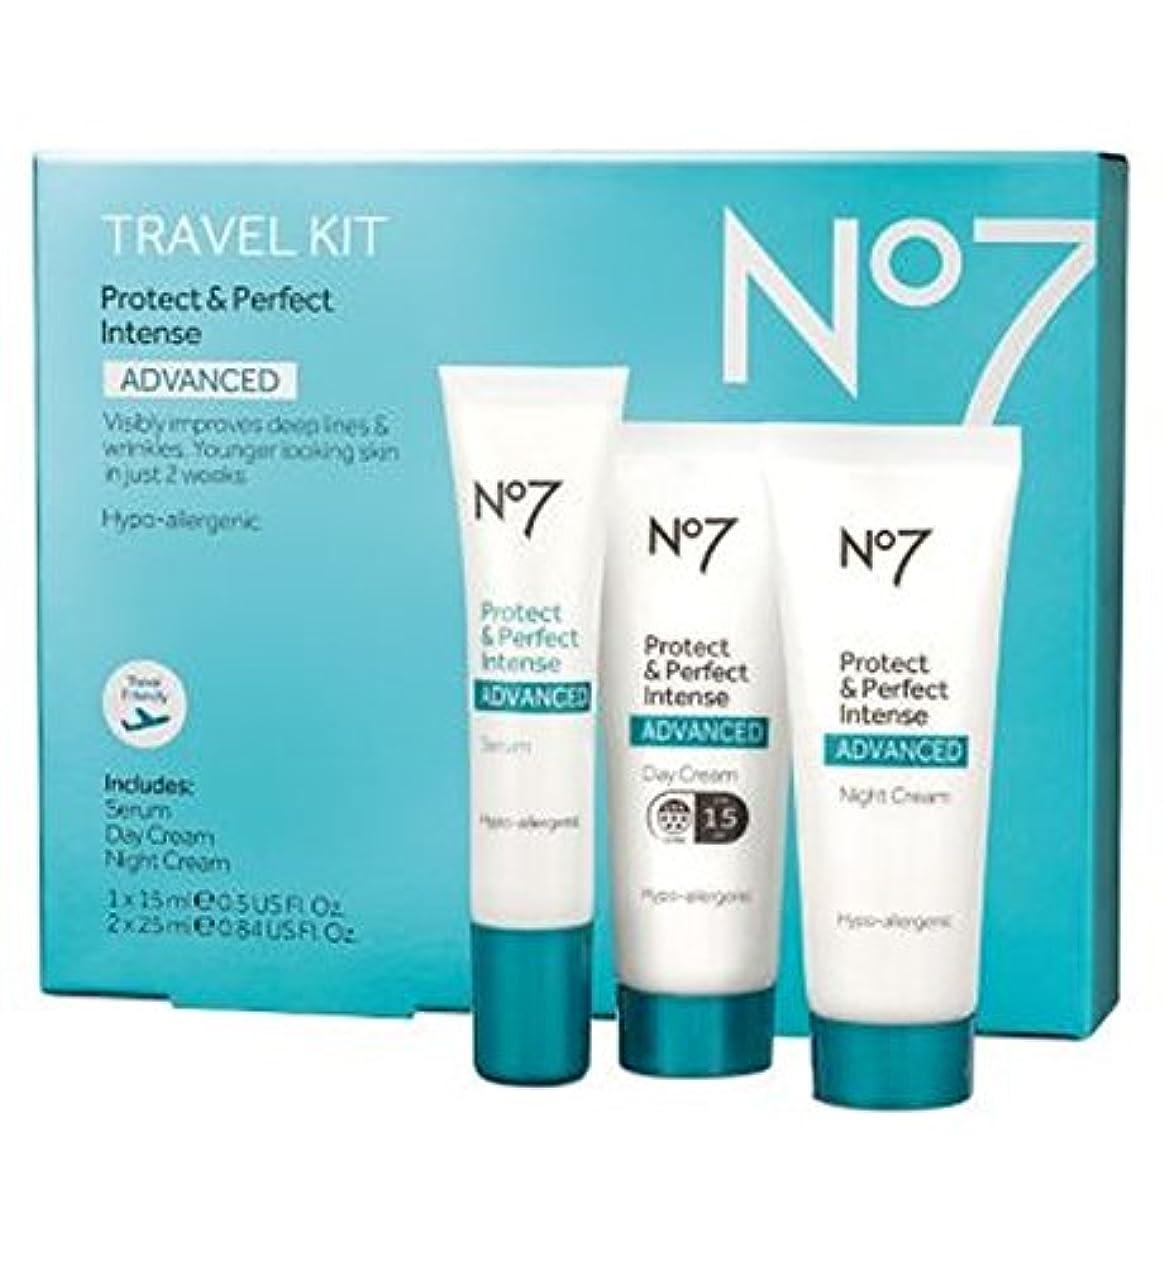 本質的に石炭と組むNo7 Protect & Perfect Intense ADVANCED Travel Kit - No7保護&完璧な強烈な高度な旅行キット (No7) [並行輸入品]